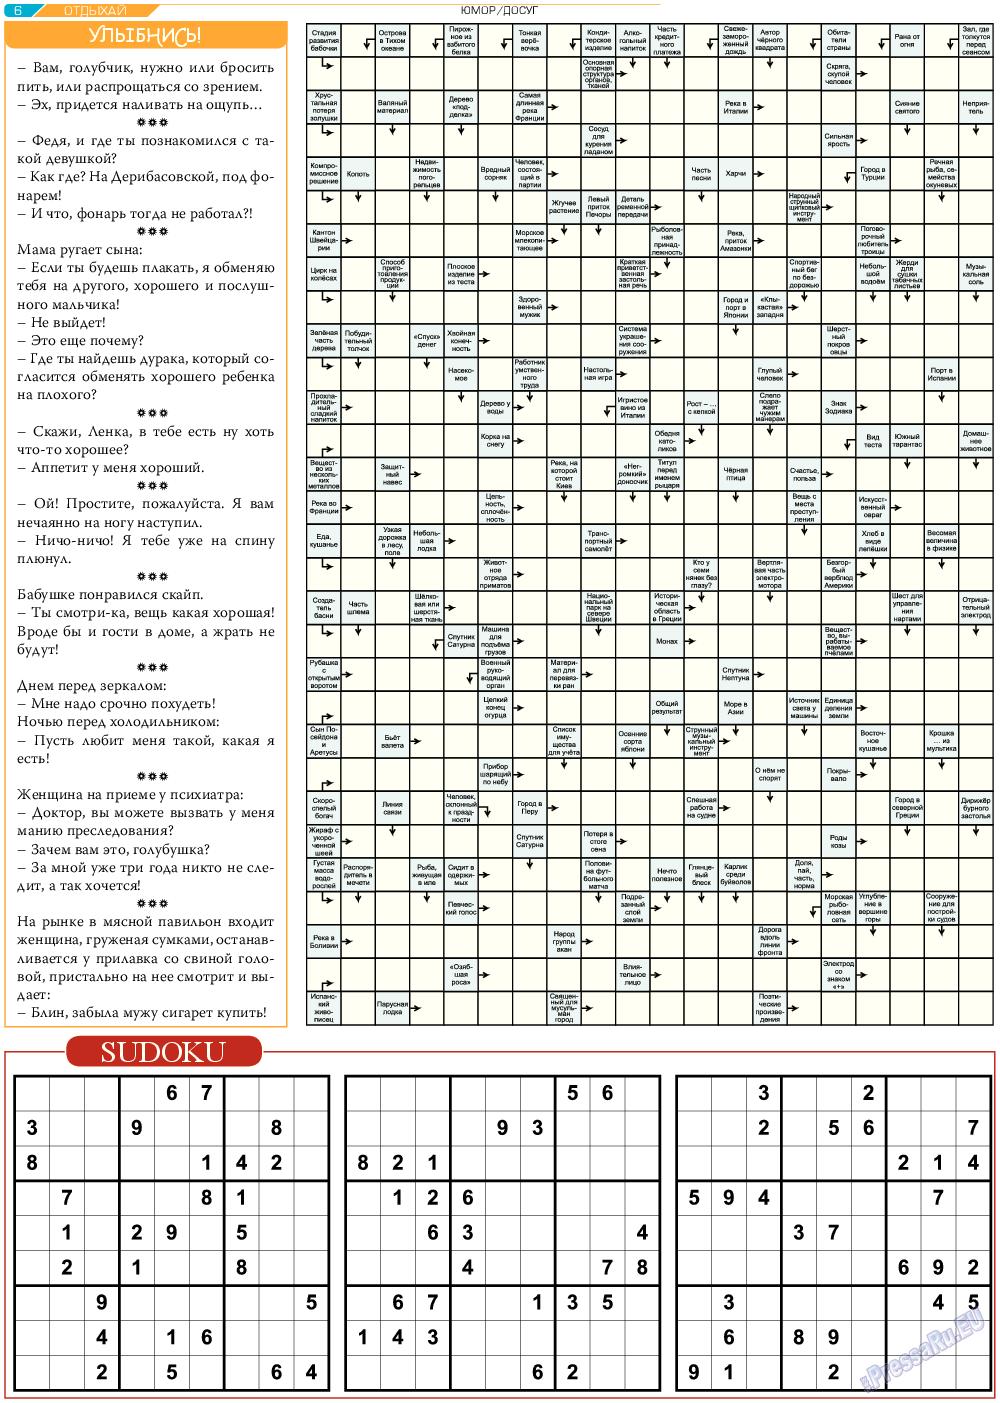 Отдыхай-Купи-продай (газета). 2017 год, номер 7, стр. 6